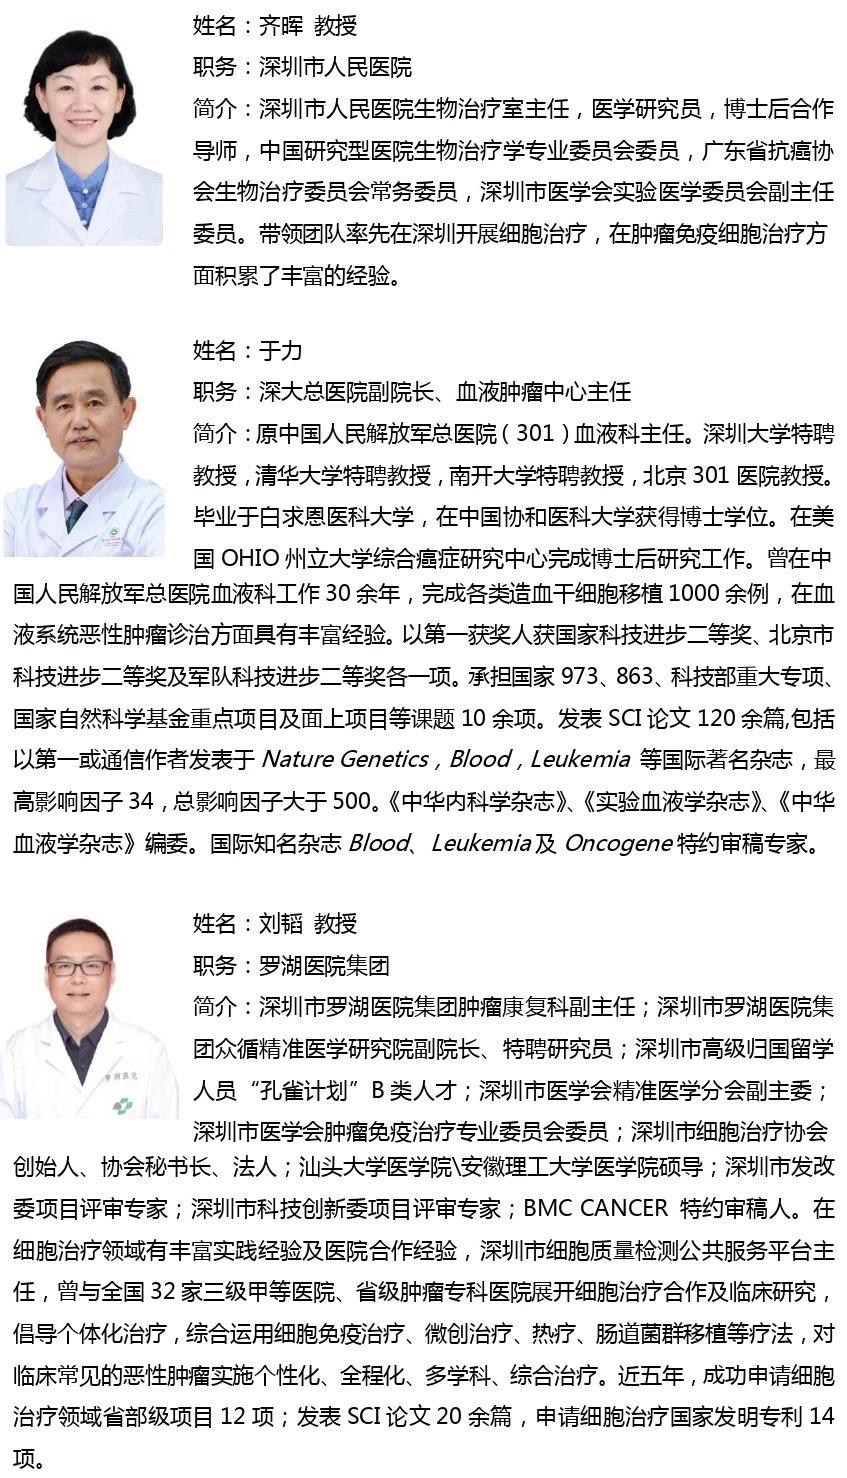 【展会活动】2021细胞治疗与抗衰老大会7月重磅来袭!